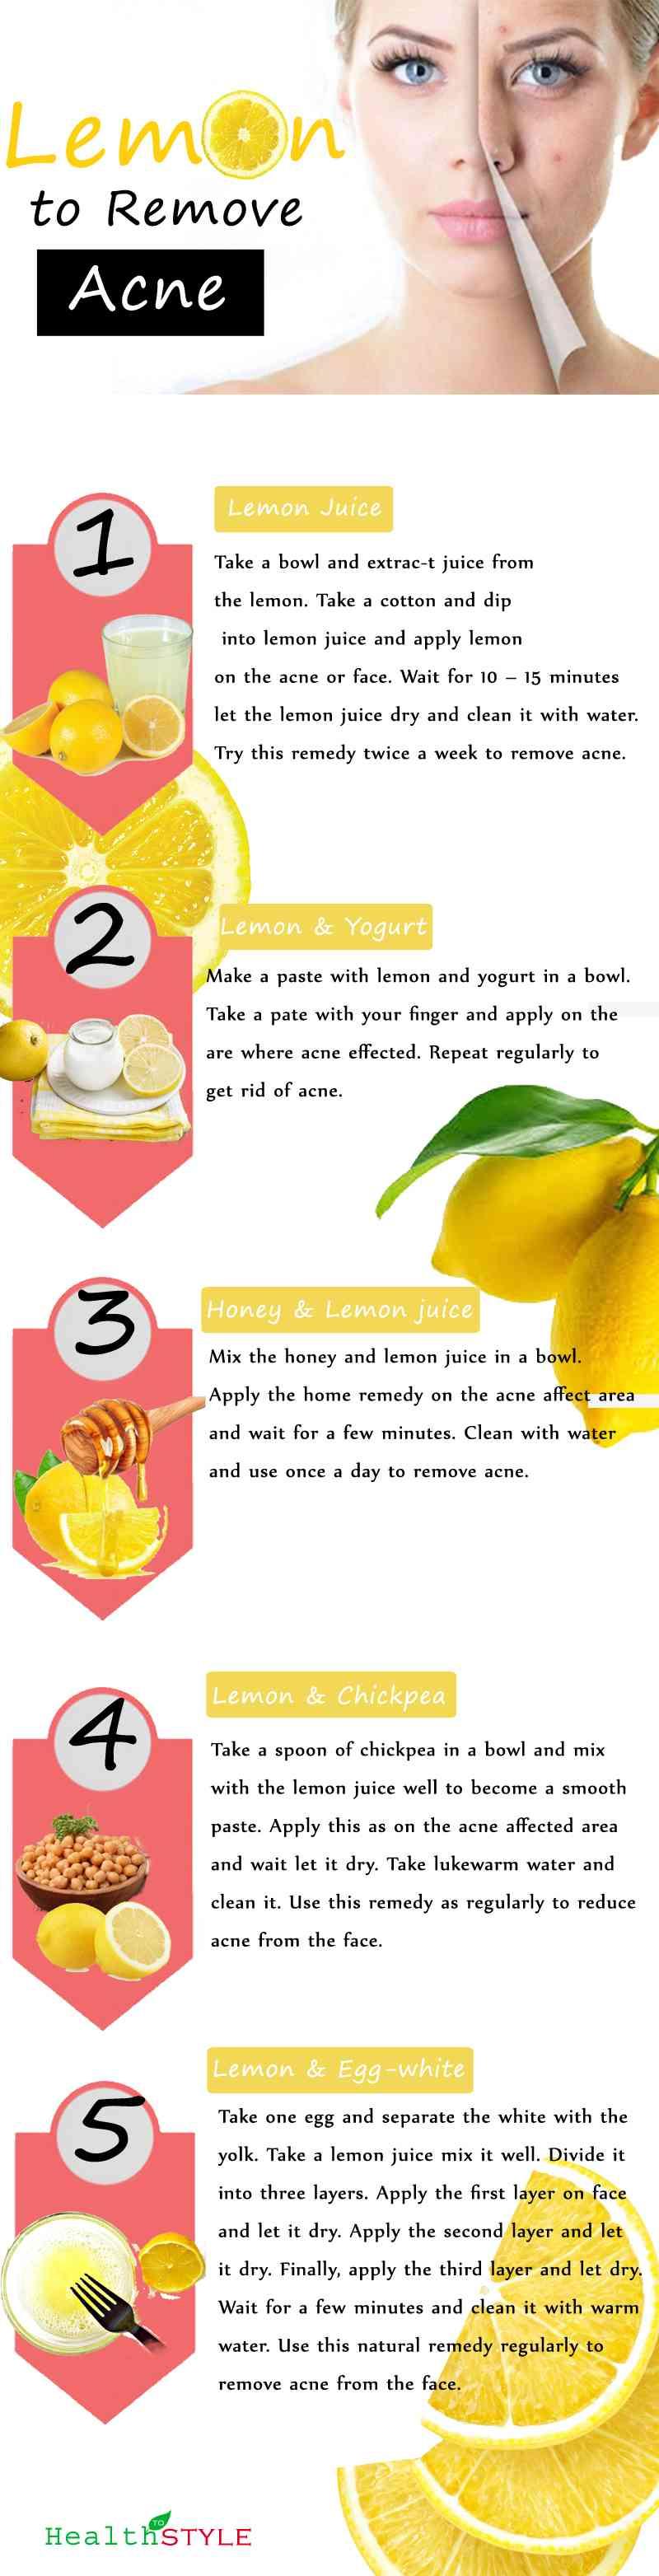 Lemon for Acne-infograph